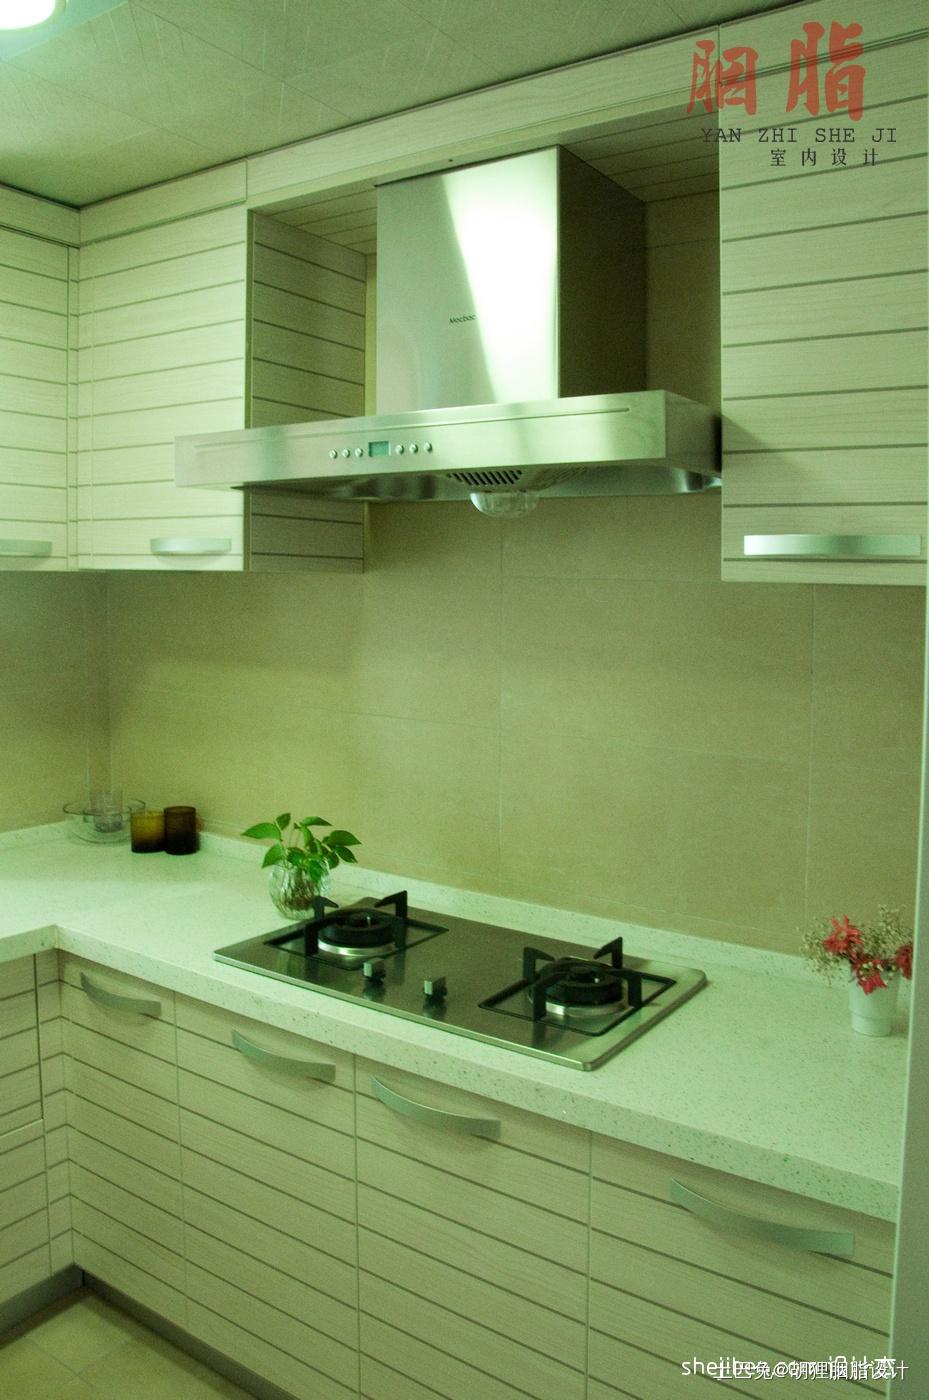 质朴99平混搭四居厨房装修美图餐厅潮流混搭厨房设计图片赏析